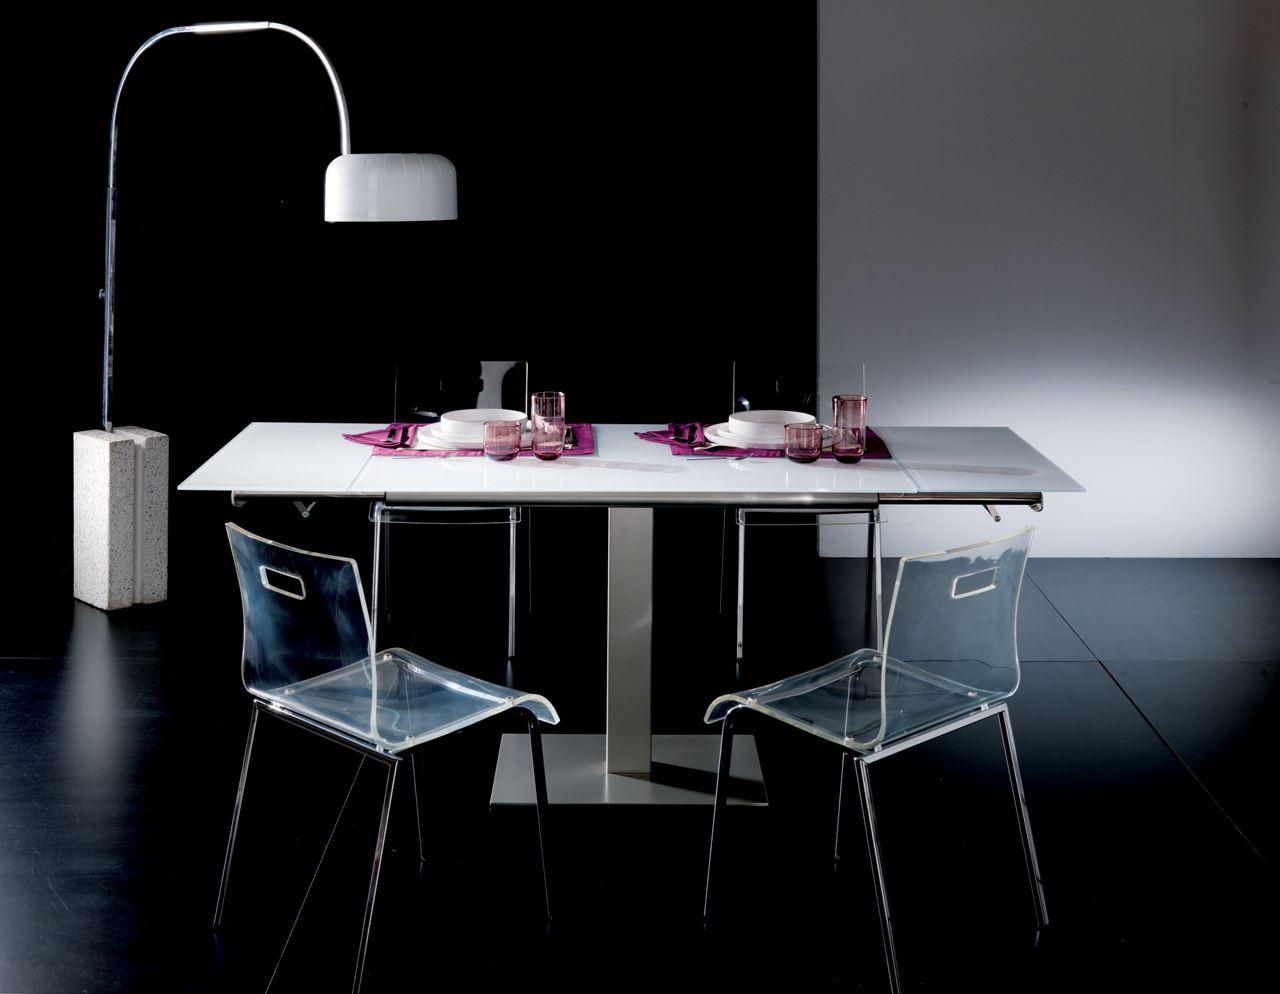 Tavolo allungabile in cristallo e metallo - Fonte:Livingo